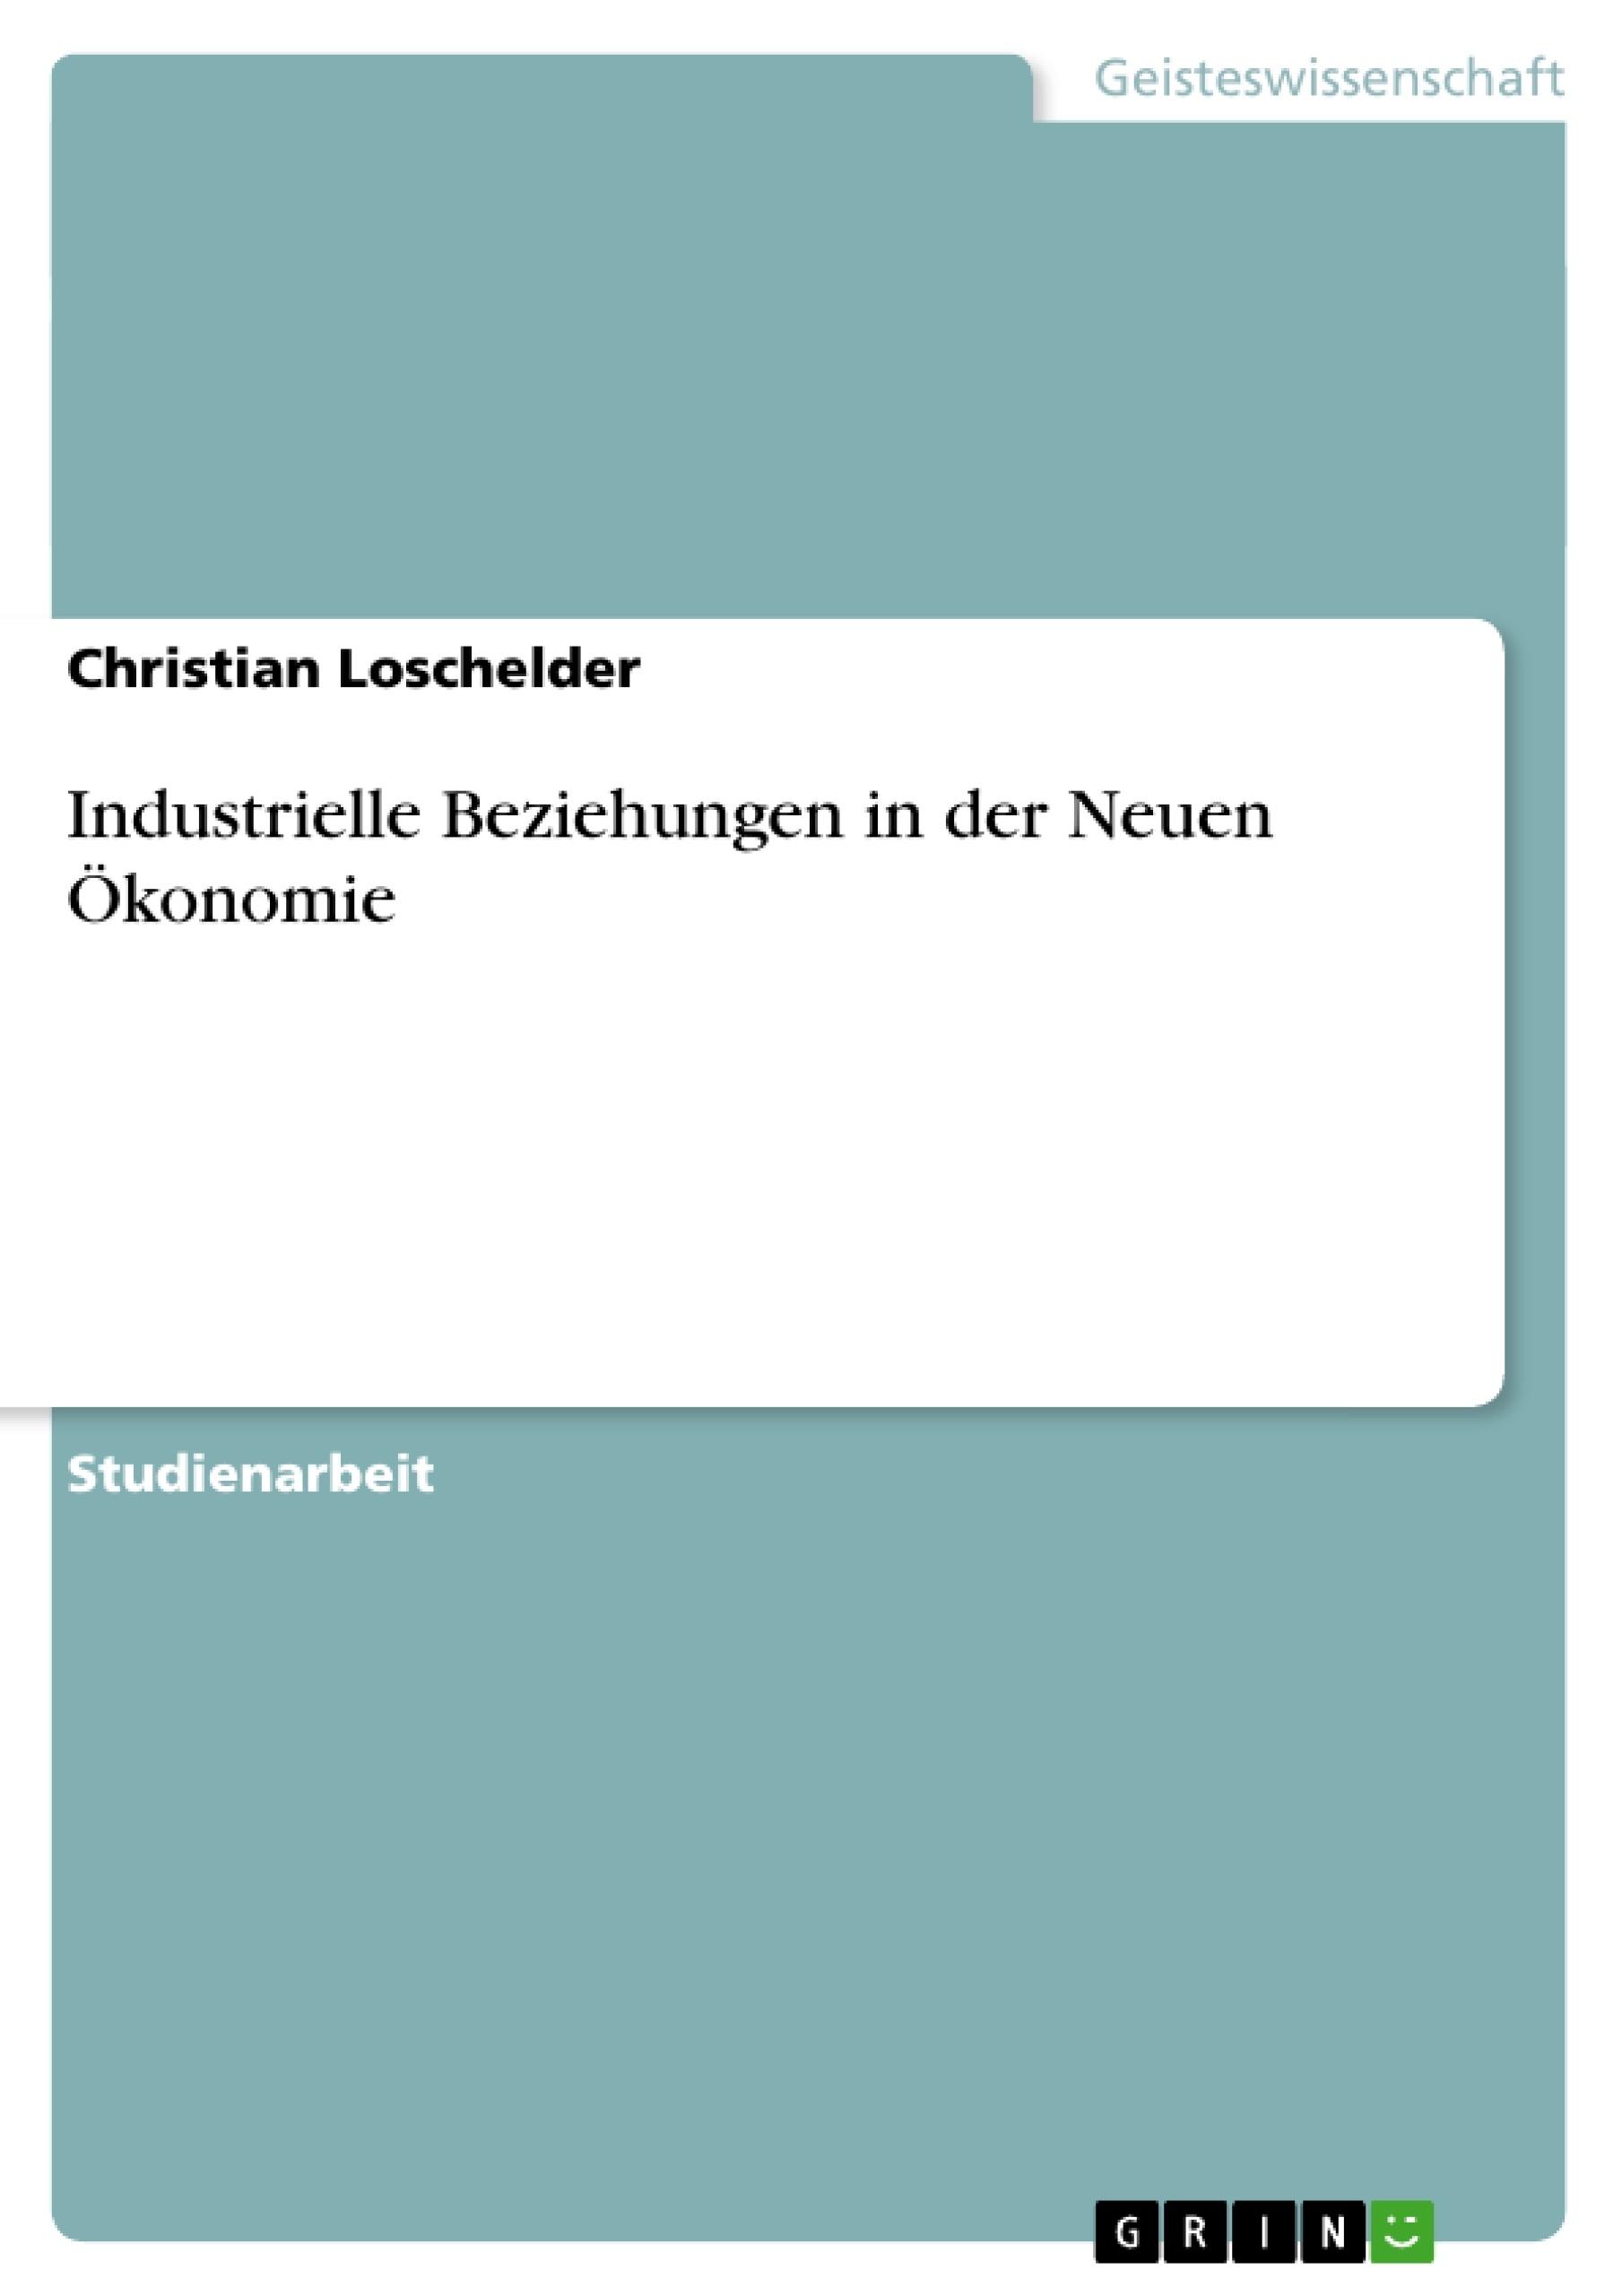 Titel: Industrielle Beziehungen in der Neuen Ökonomie